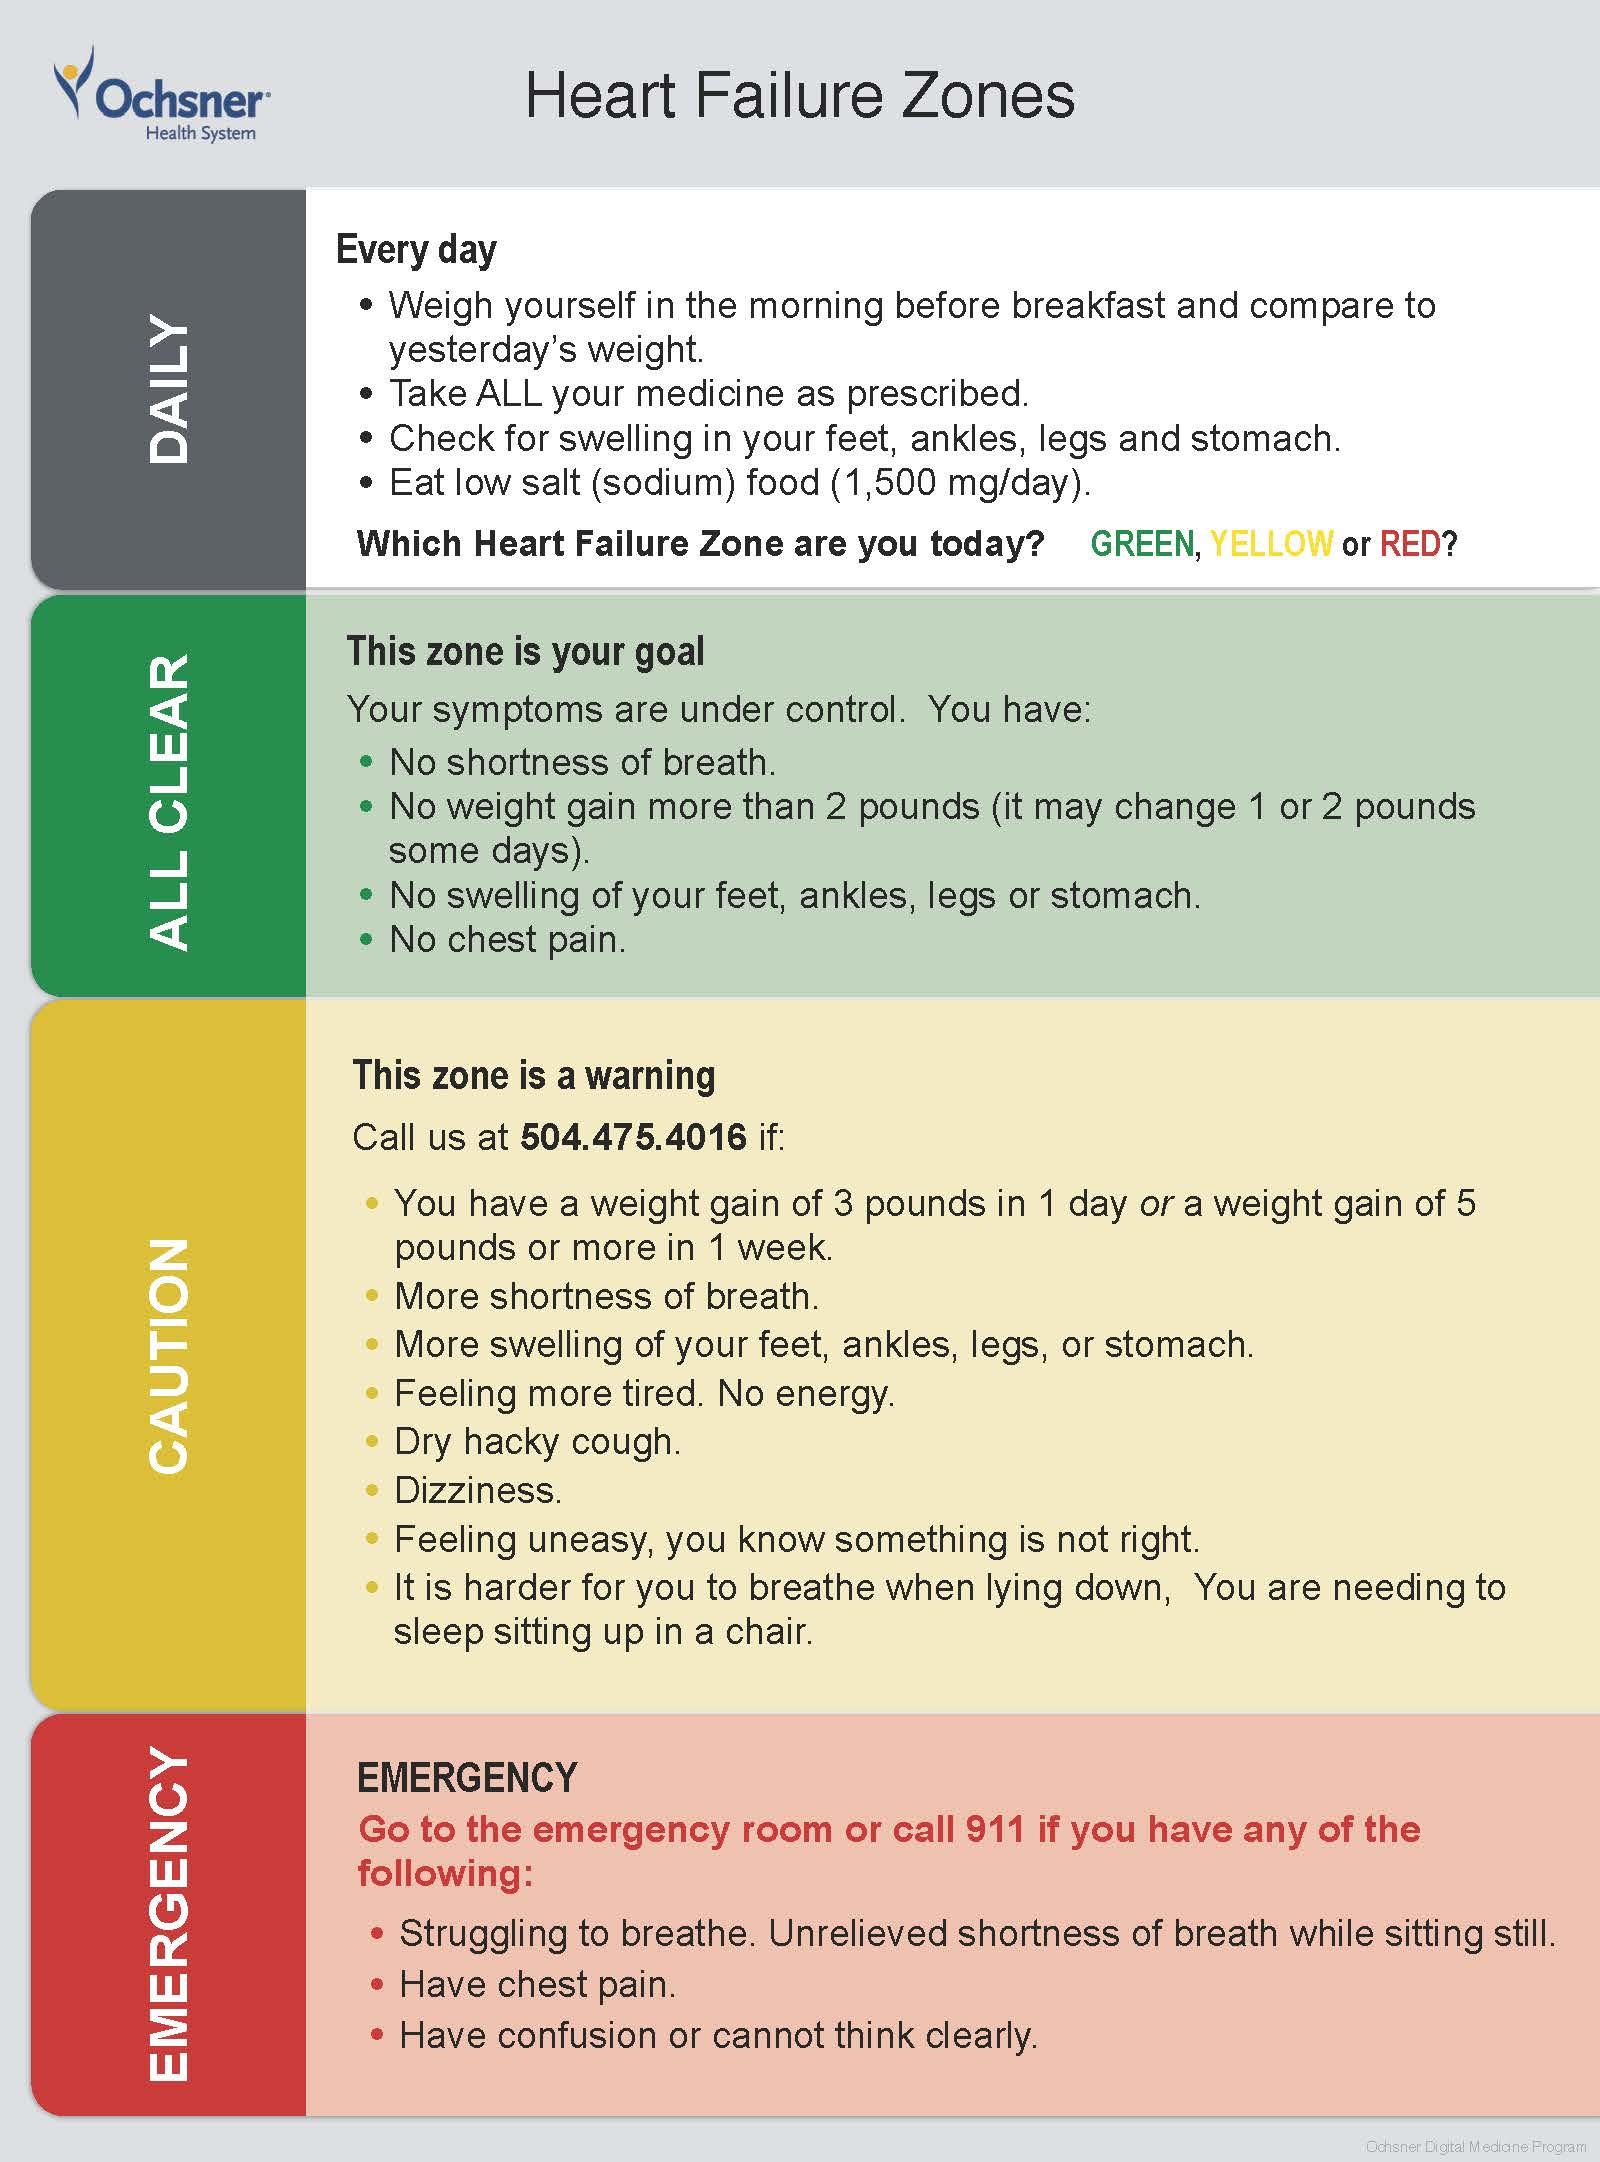 Heart Failure Zones